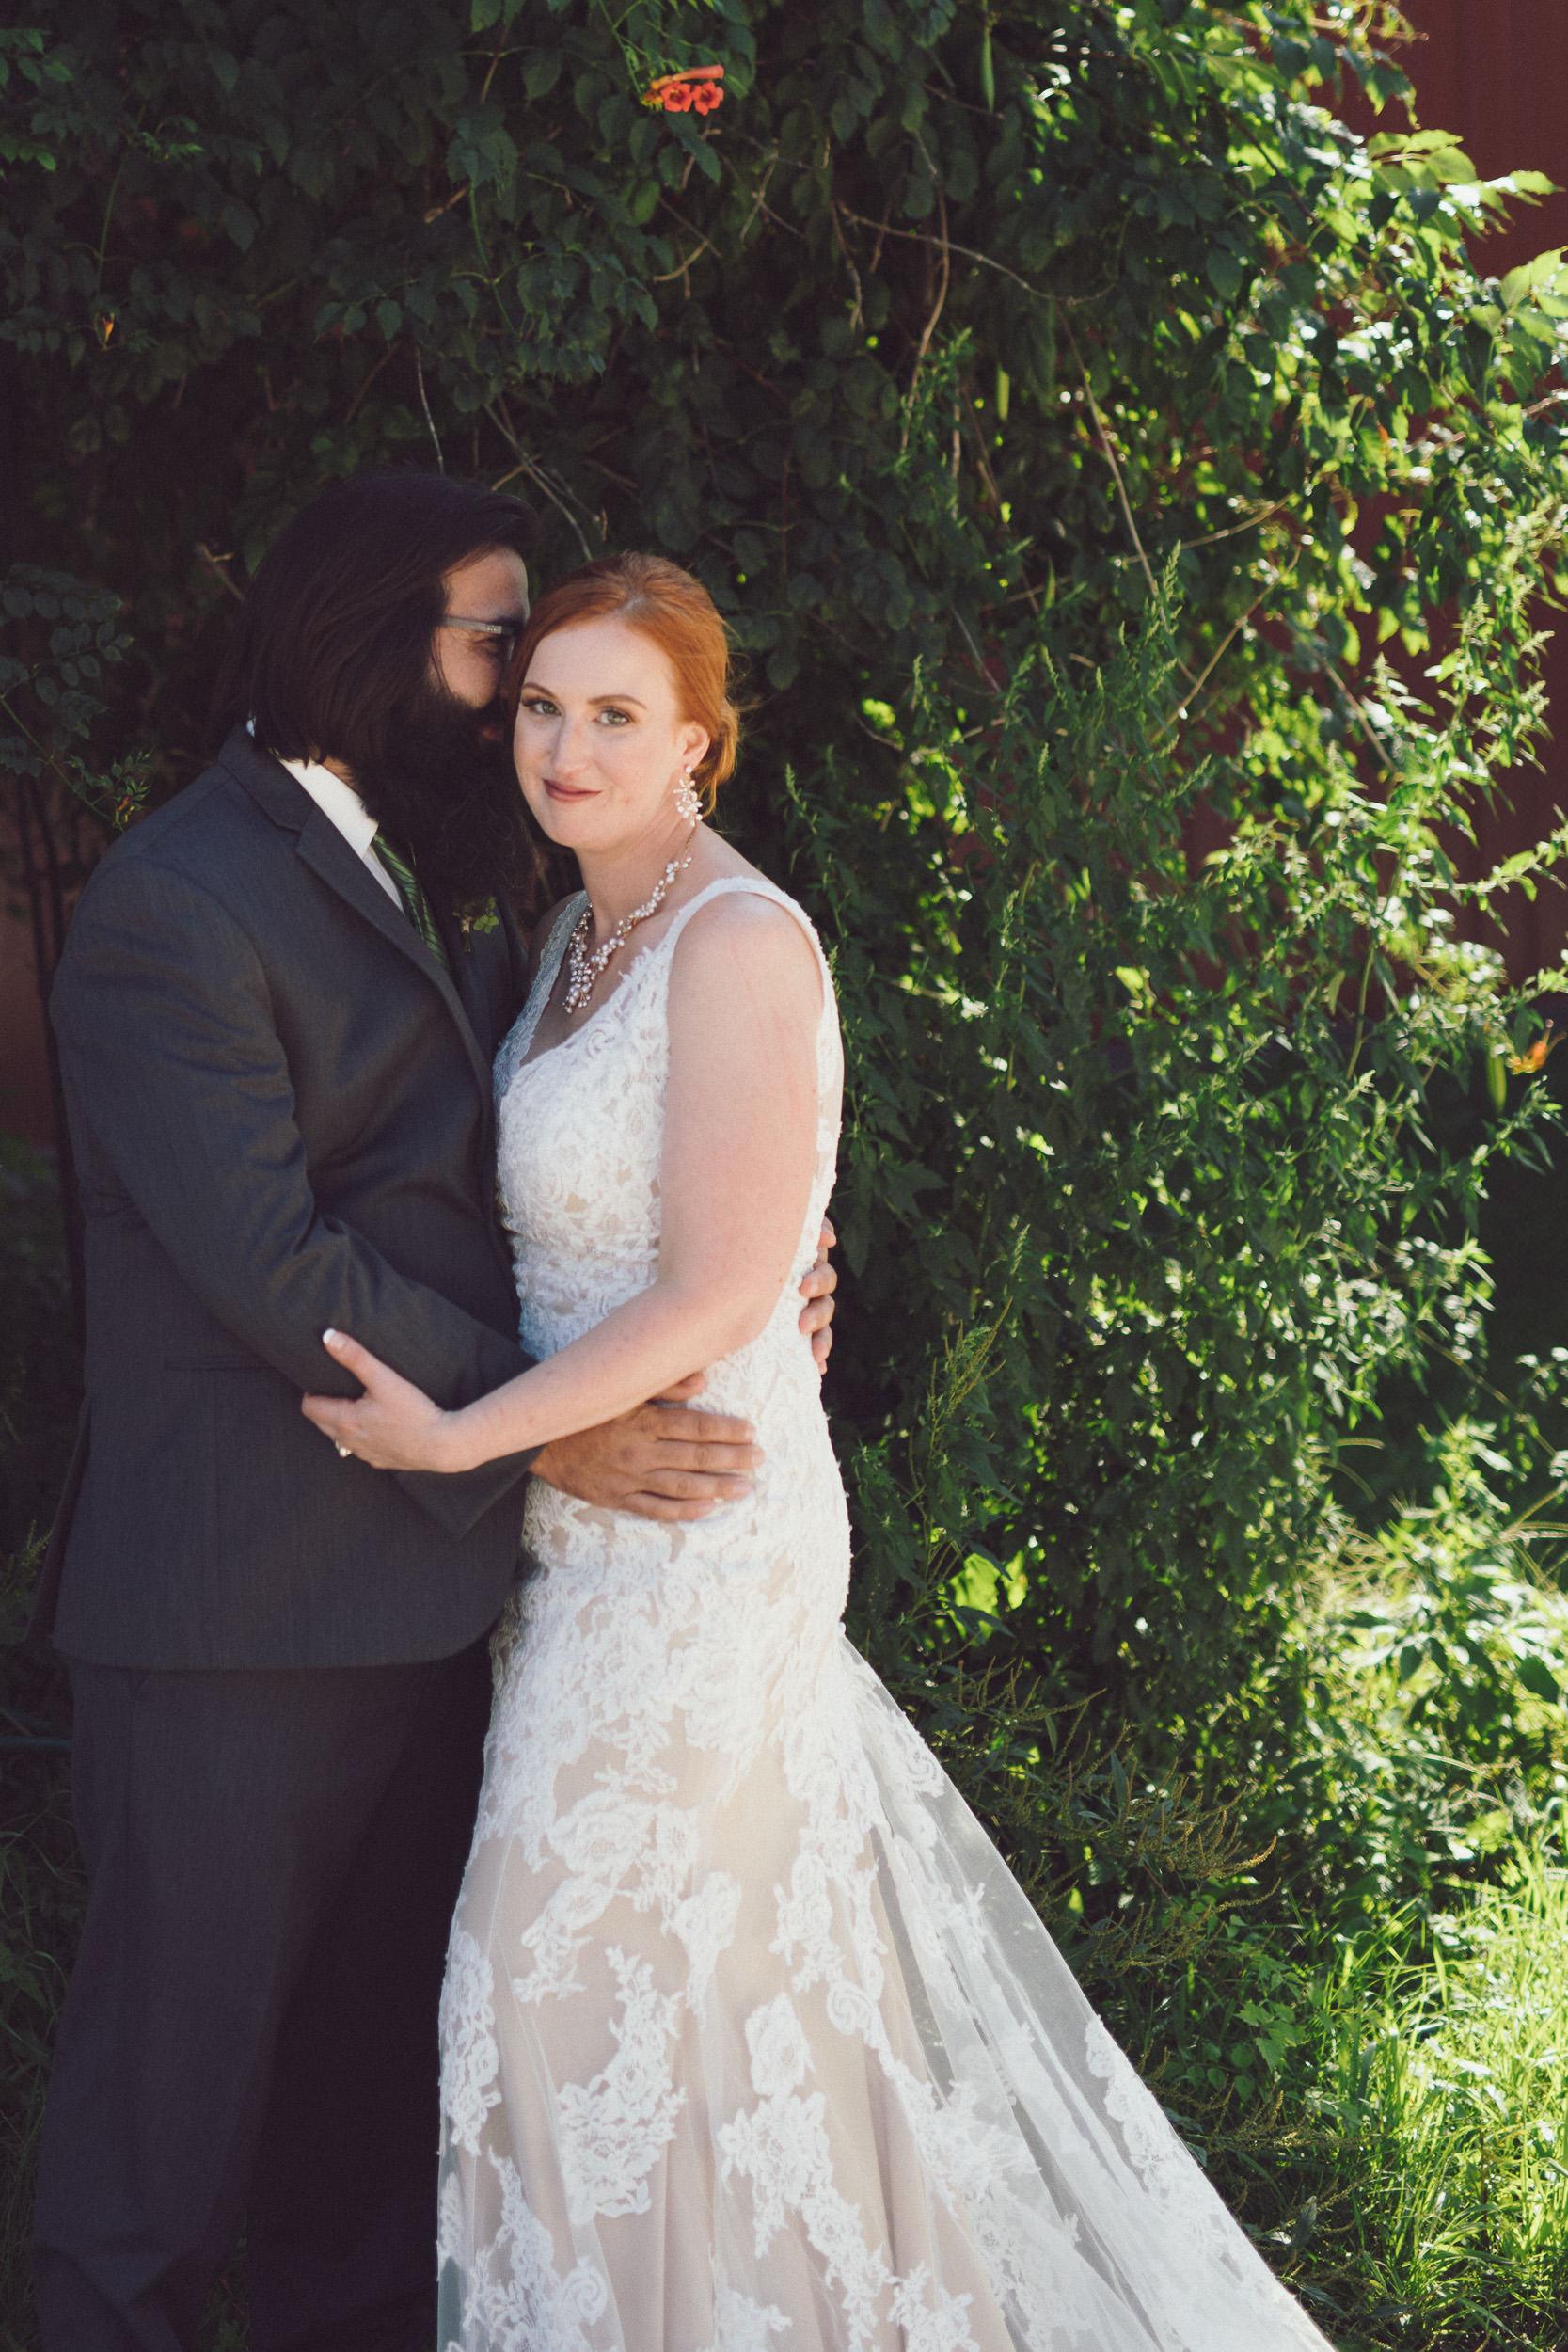 wedding-keely-caleb-459.jpg